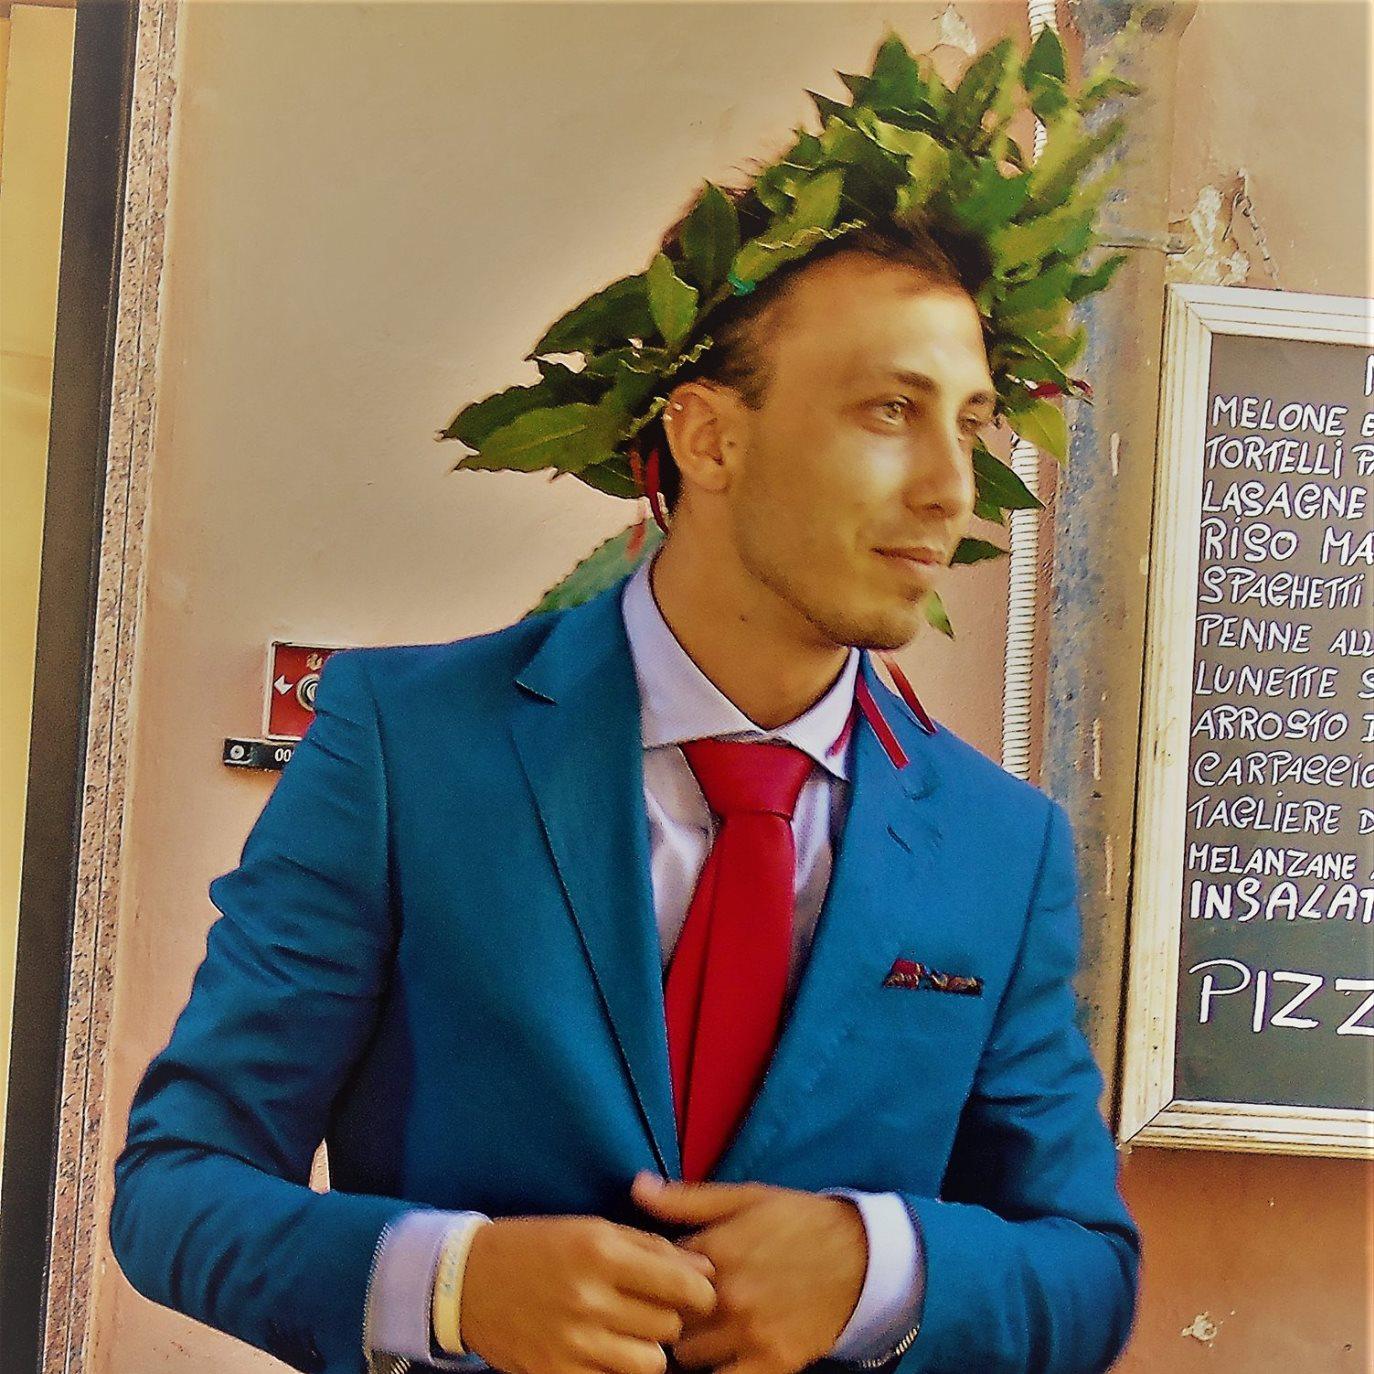 Alessio Nocera profile picture